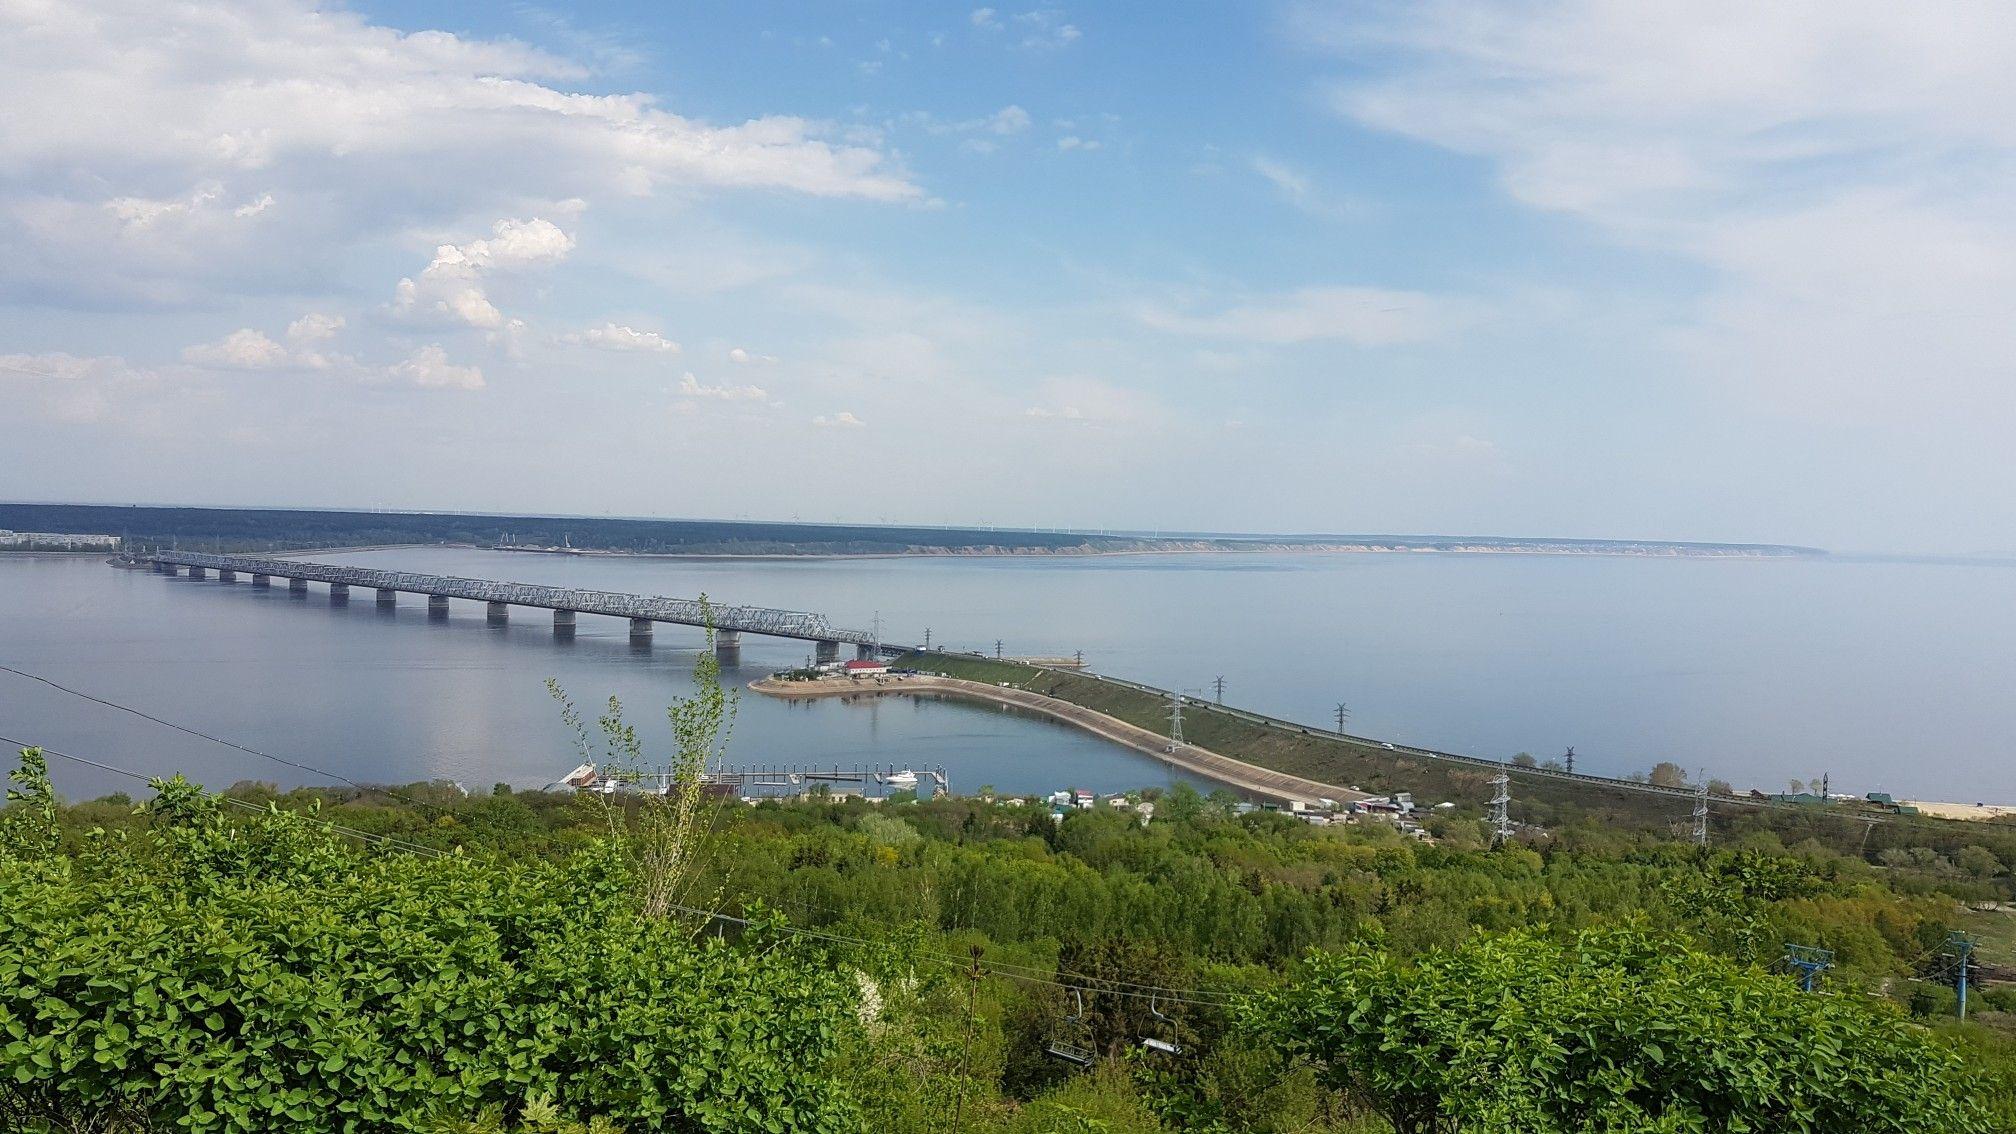 Ульяновск, Россия. Река Волга. Императорский мост ...